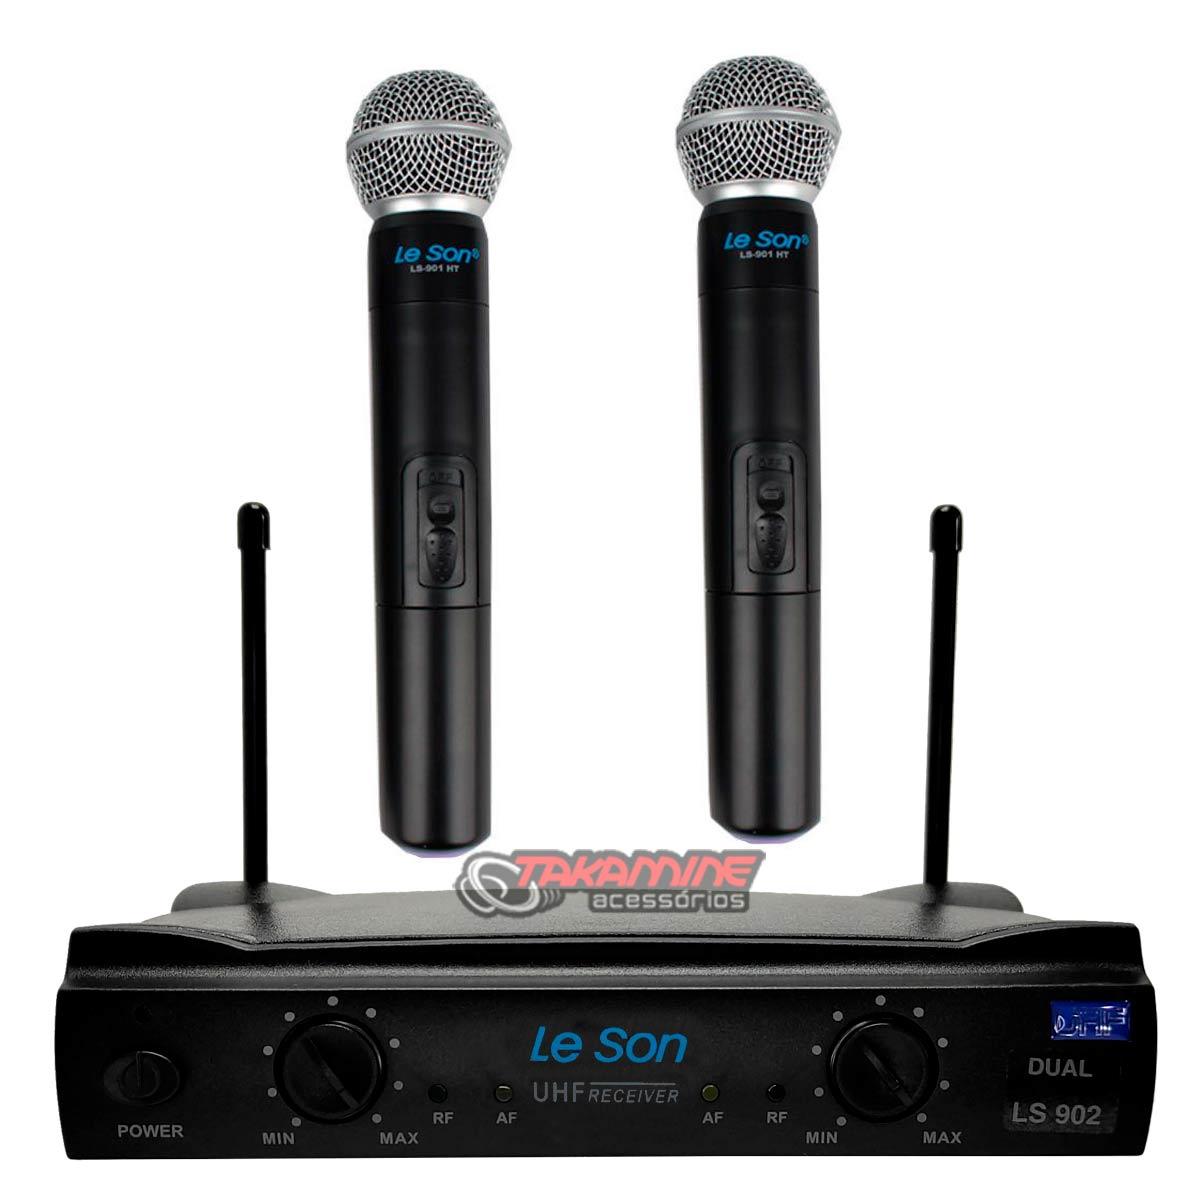 Microfones sem fio Le Son LS902 HT/HT cardióide e unidirecional preto